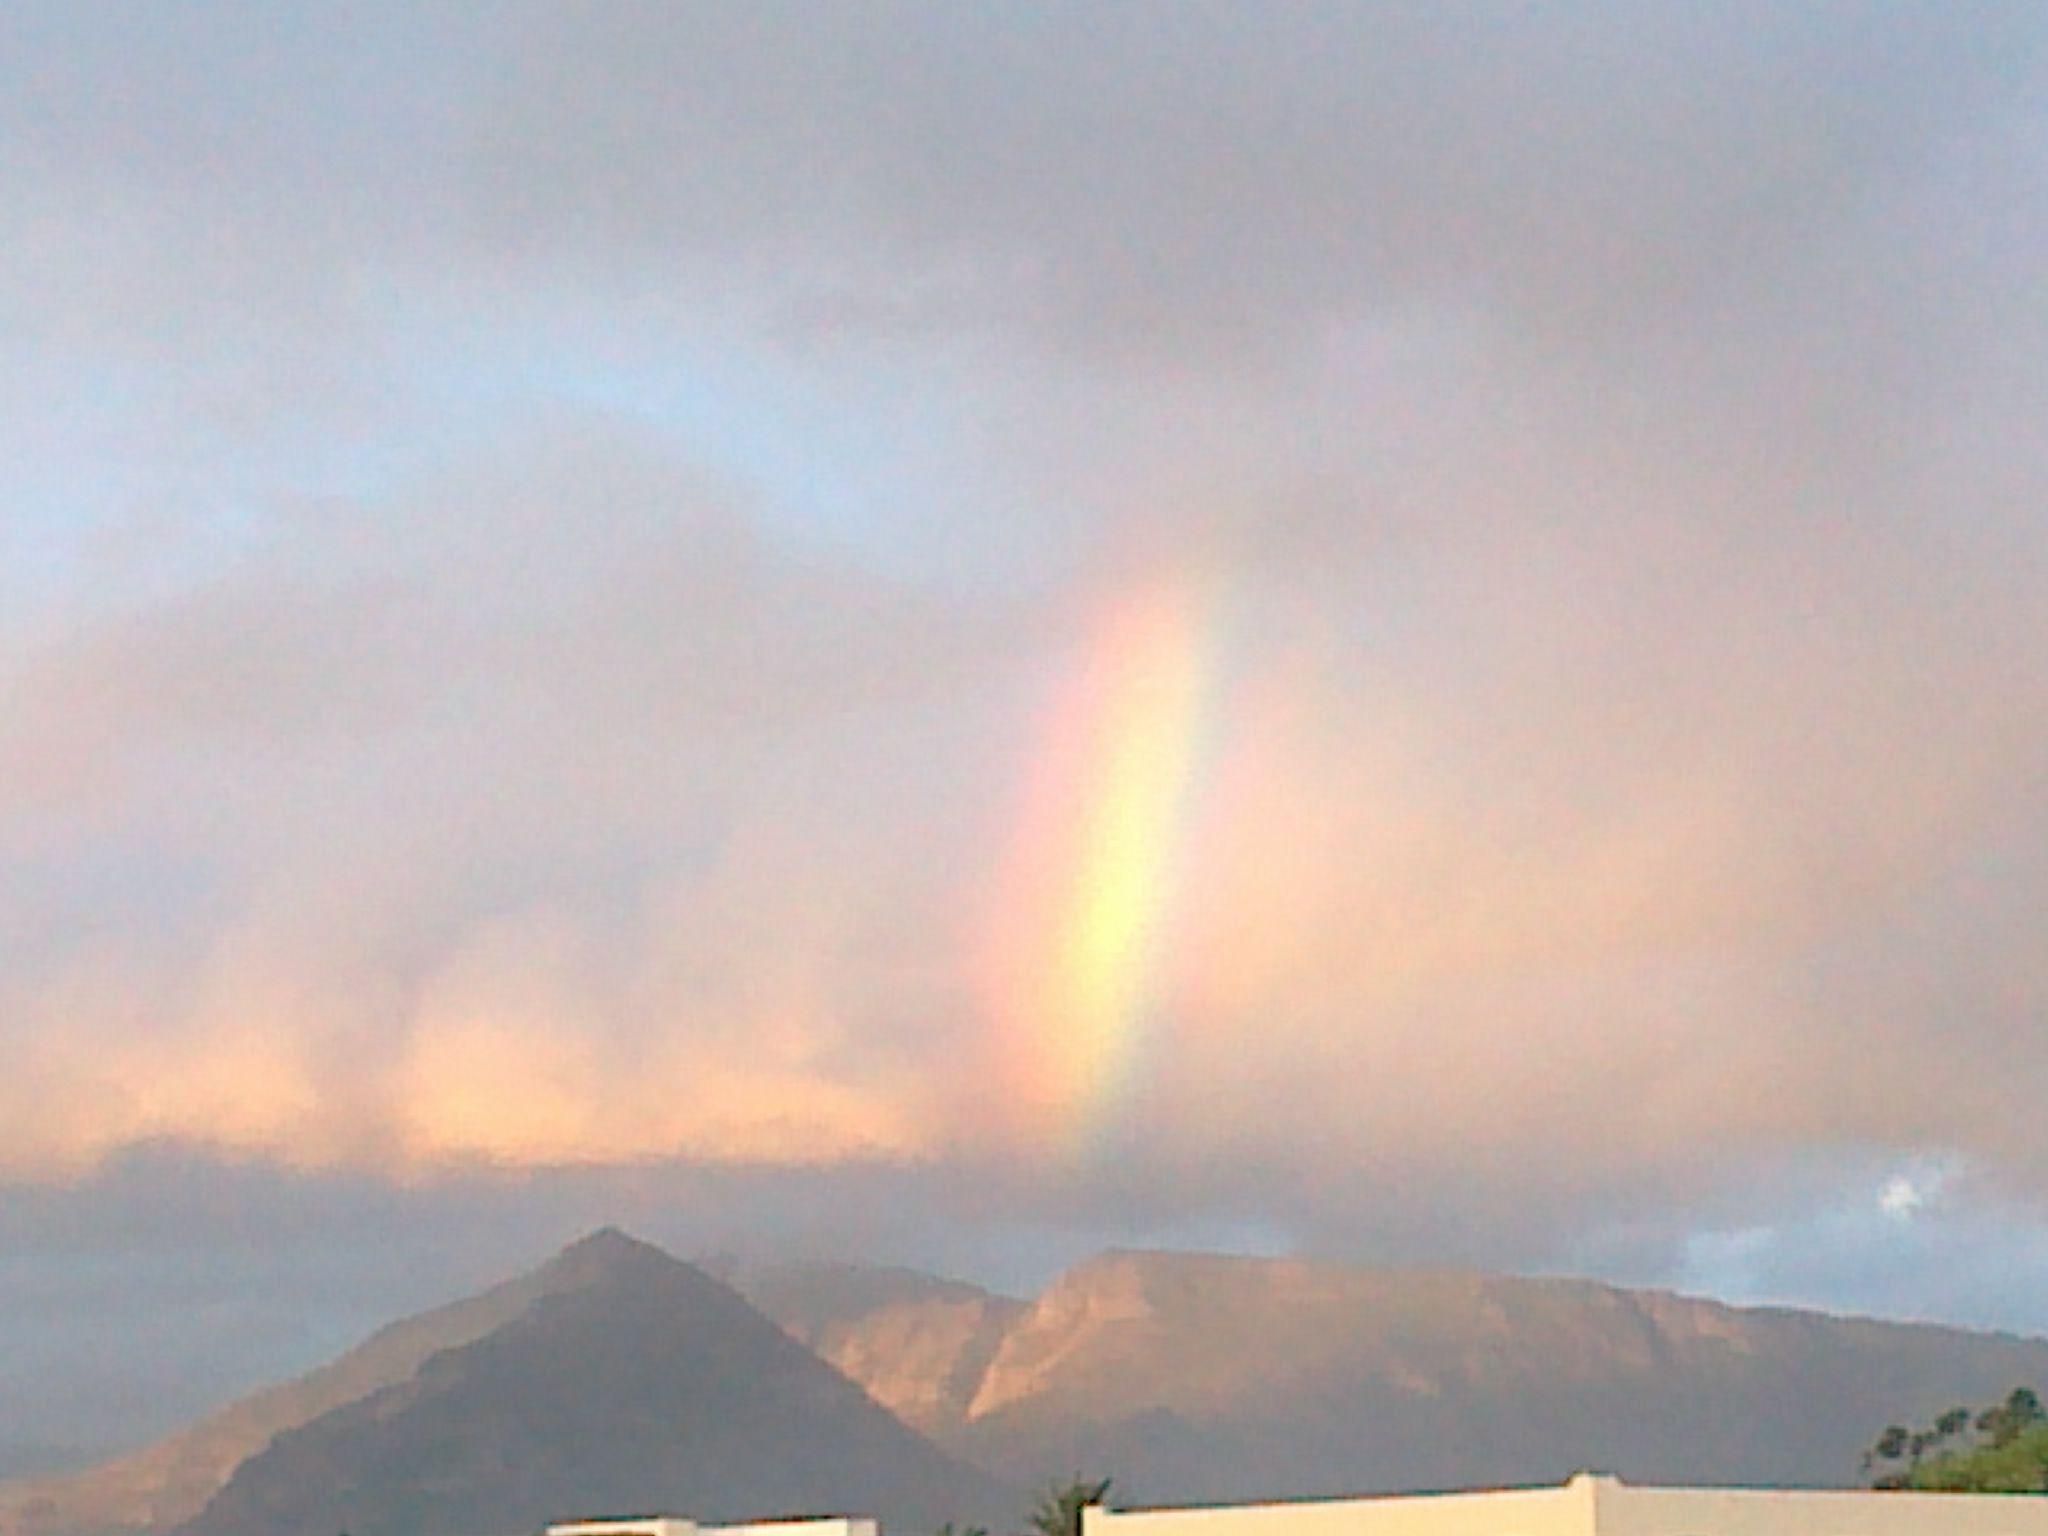 Rainbow over Kommetjie